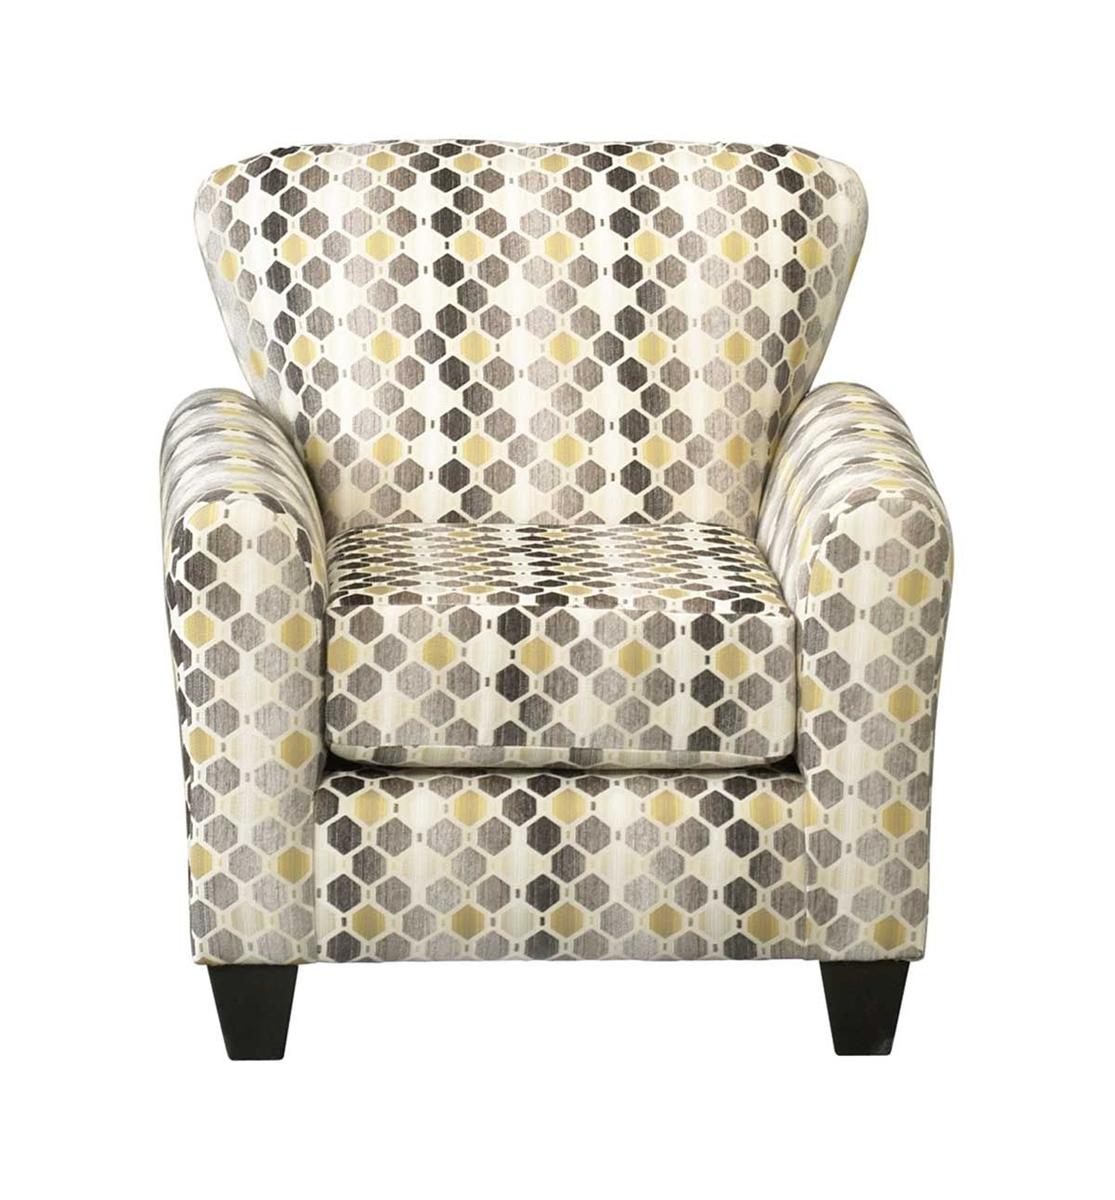 Merveilleux Ashburn Accent Chair